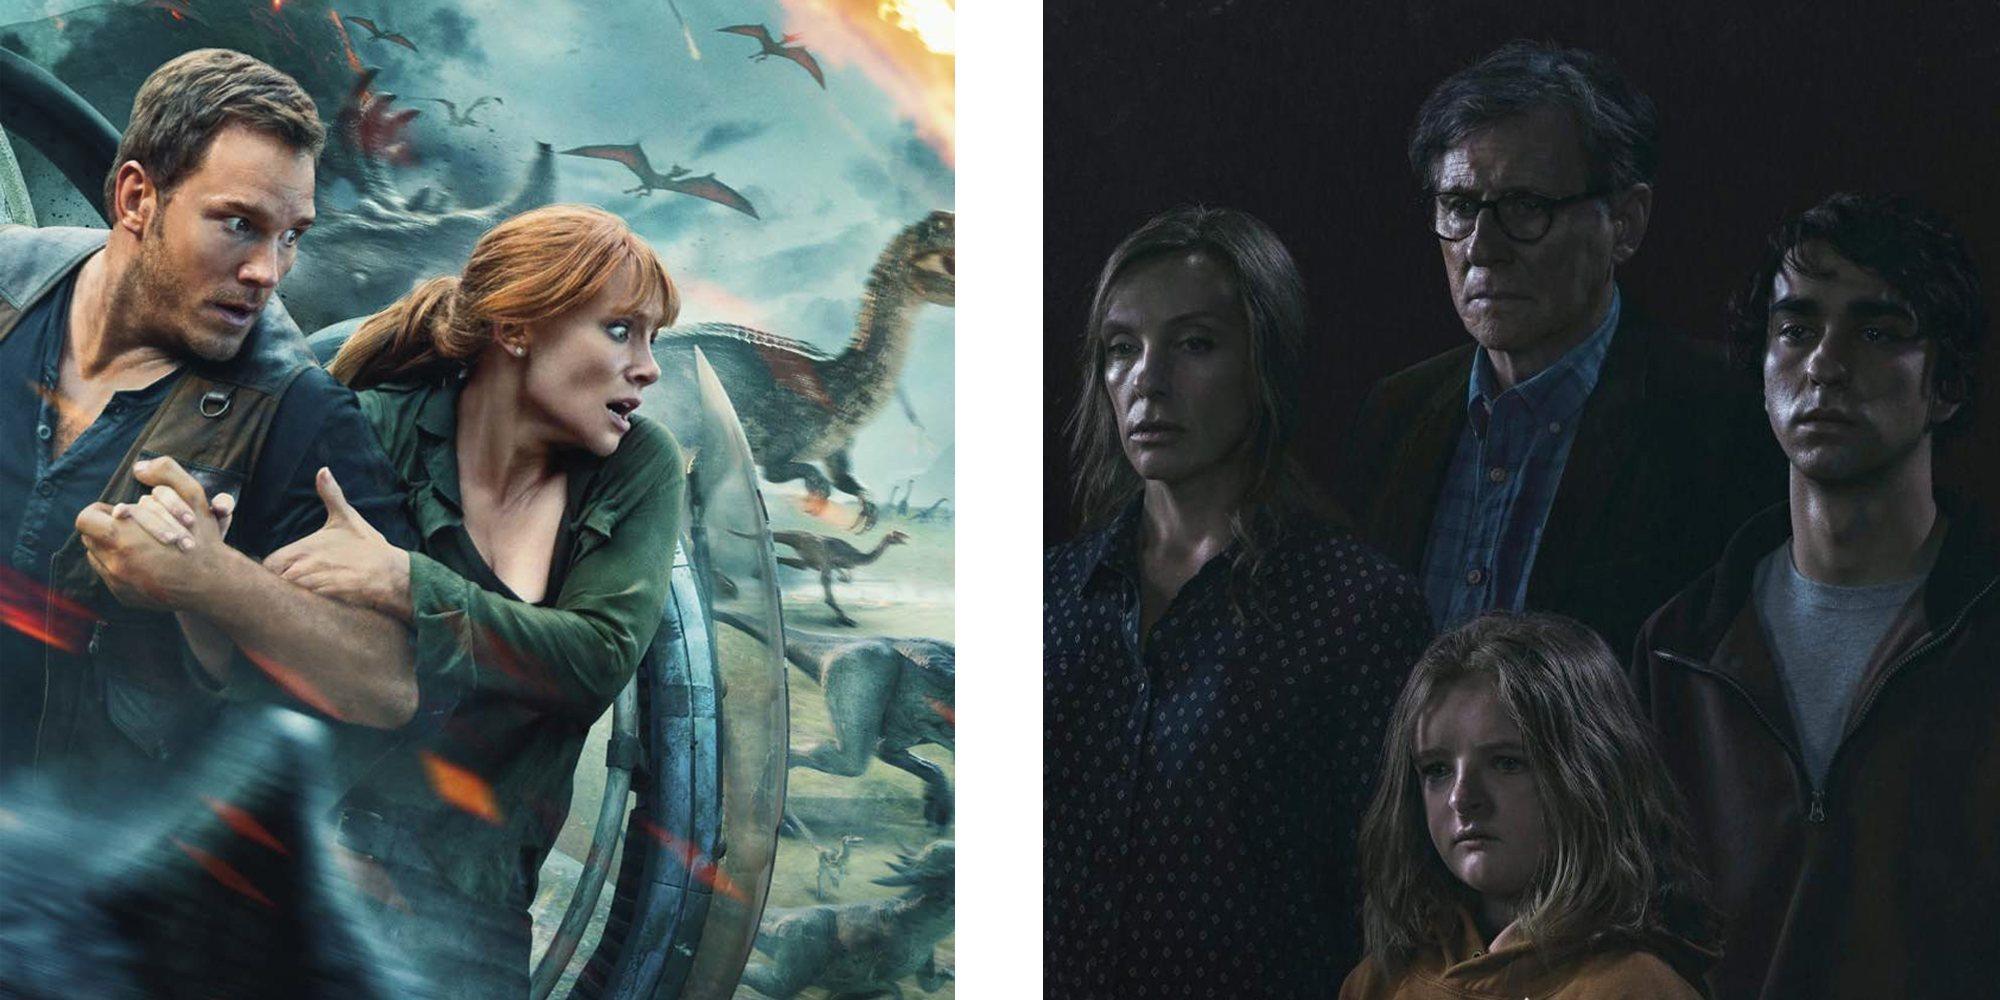 Las 5 películas más esperadas de junio de 2018